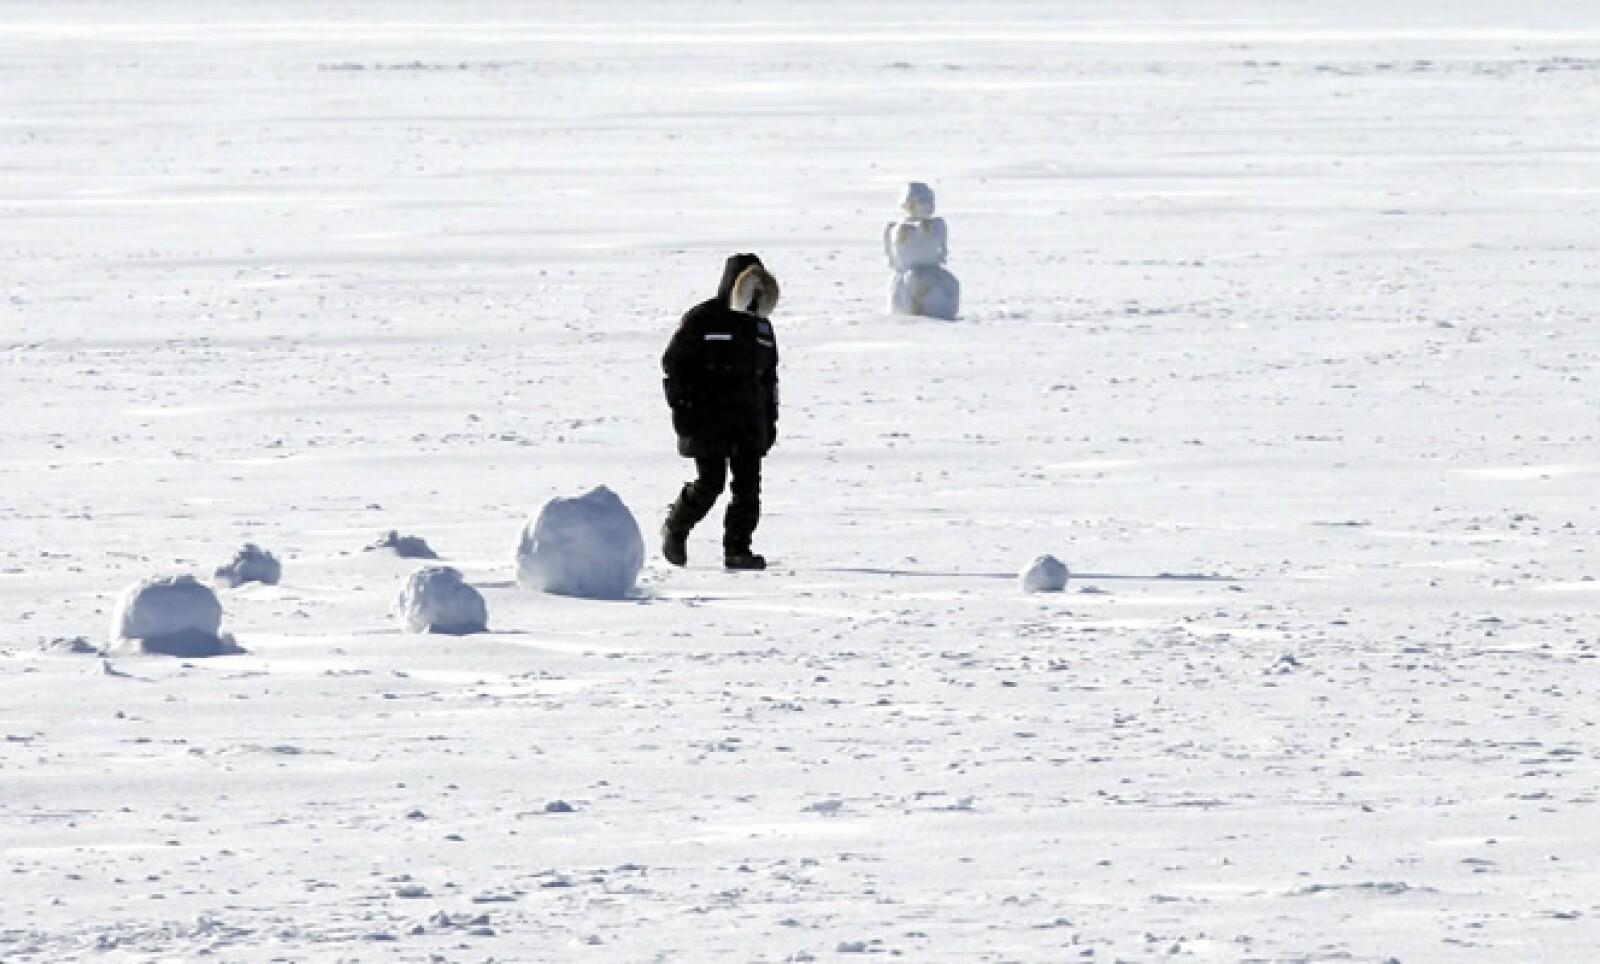 Las bajas temperaturas han provocado al menos cuatro muertes, así como el cierre de comercios y escuelas y a la cancelación de cientos de vuelos.